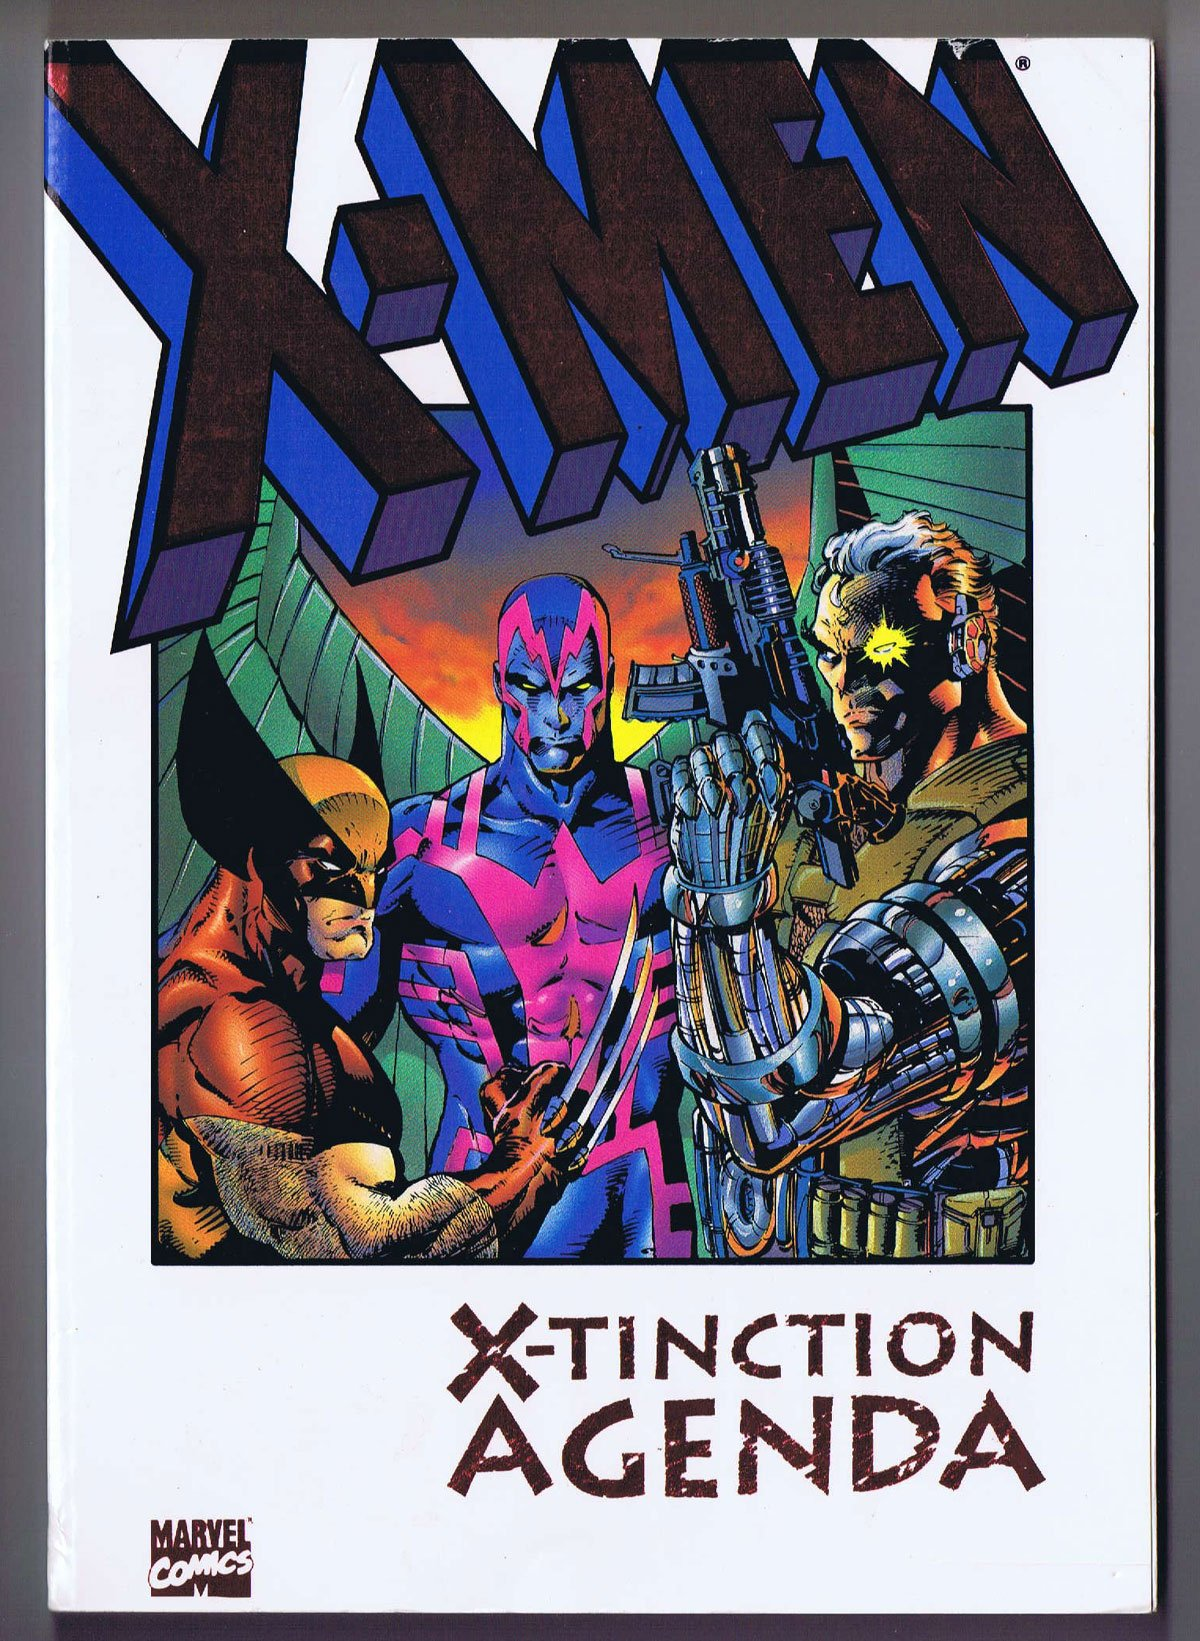 Amazon.com: X-Men: X-Tinction Agenda TPB (0759606359226 ...